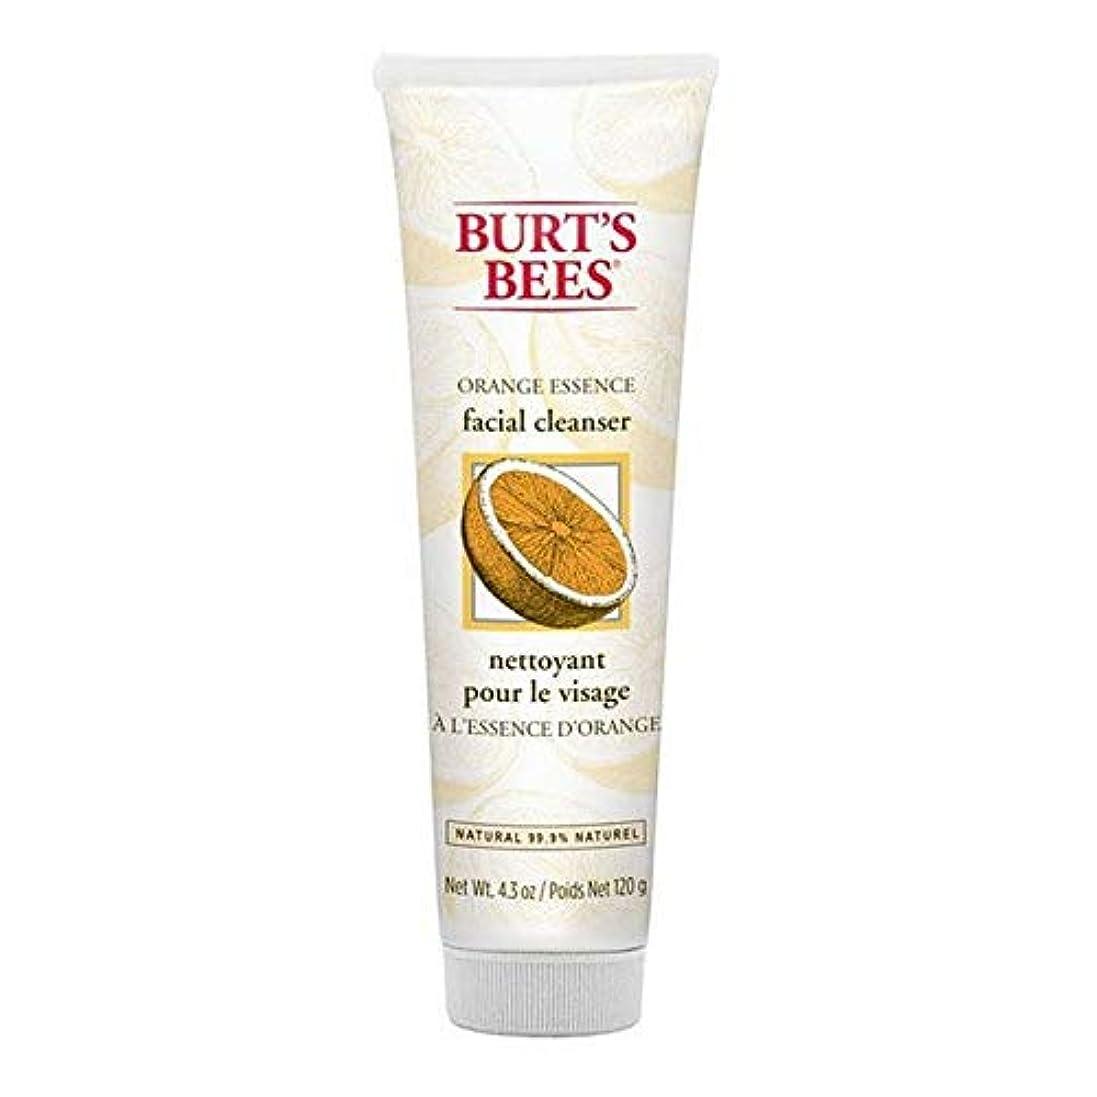 周波数ライム句[Burt's Bees ] バーツビーオレンジエッセンス洗顔料の120グラム - Burt's Bees Orange Essence Facial Cleanser 120g [並行輸入品]